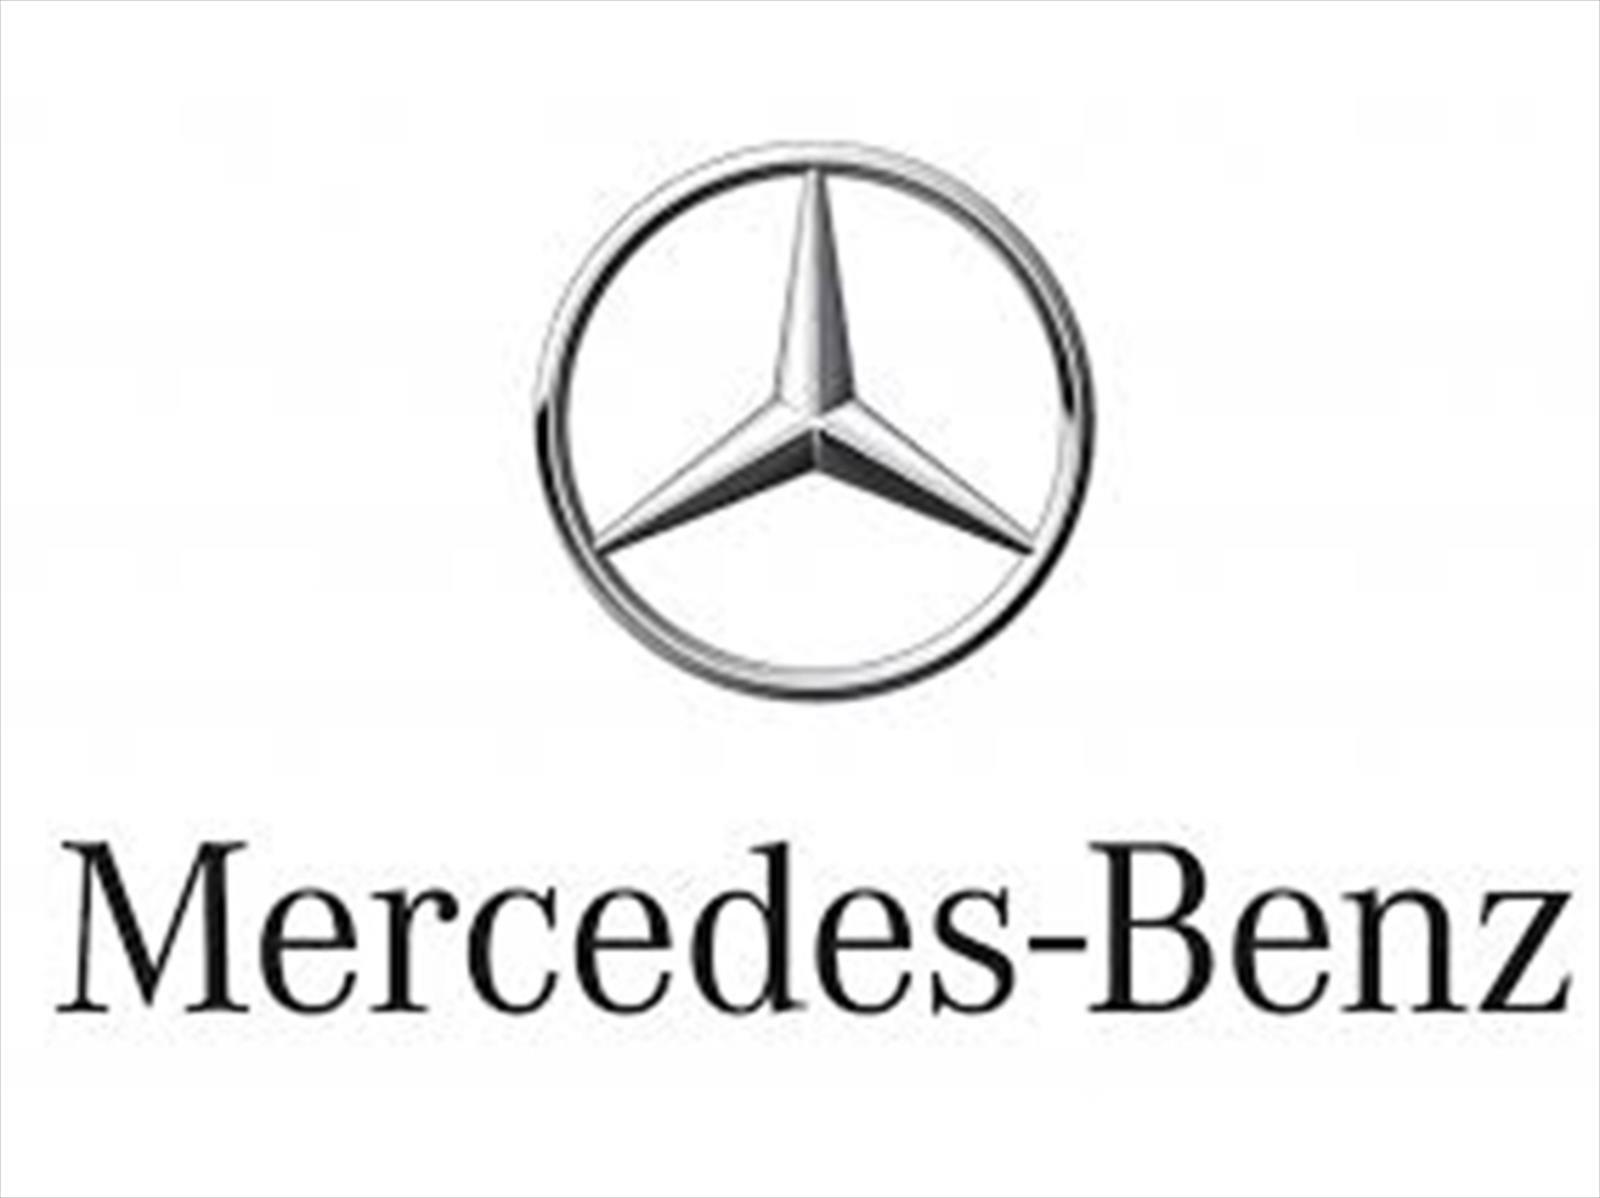 Mercedes-Benz, entre las marcas con mejor reputación del país